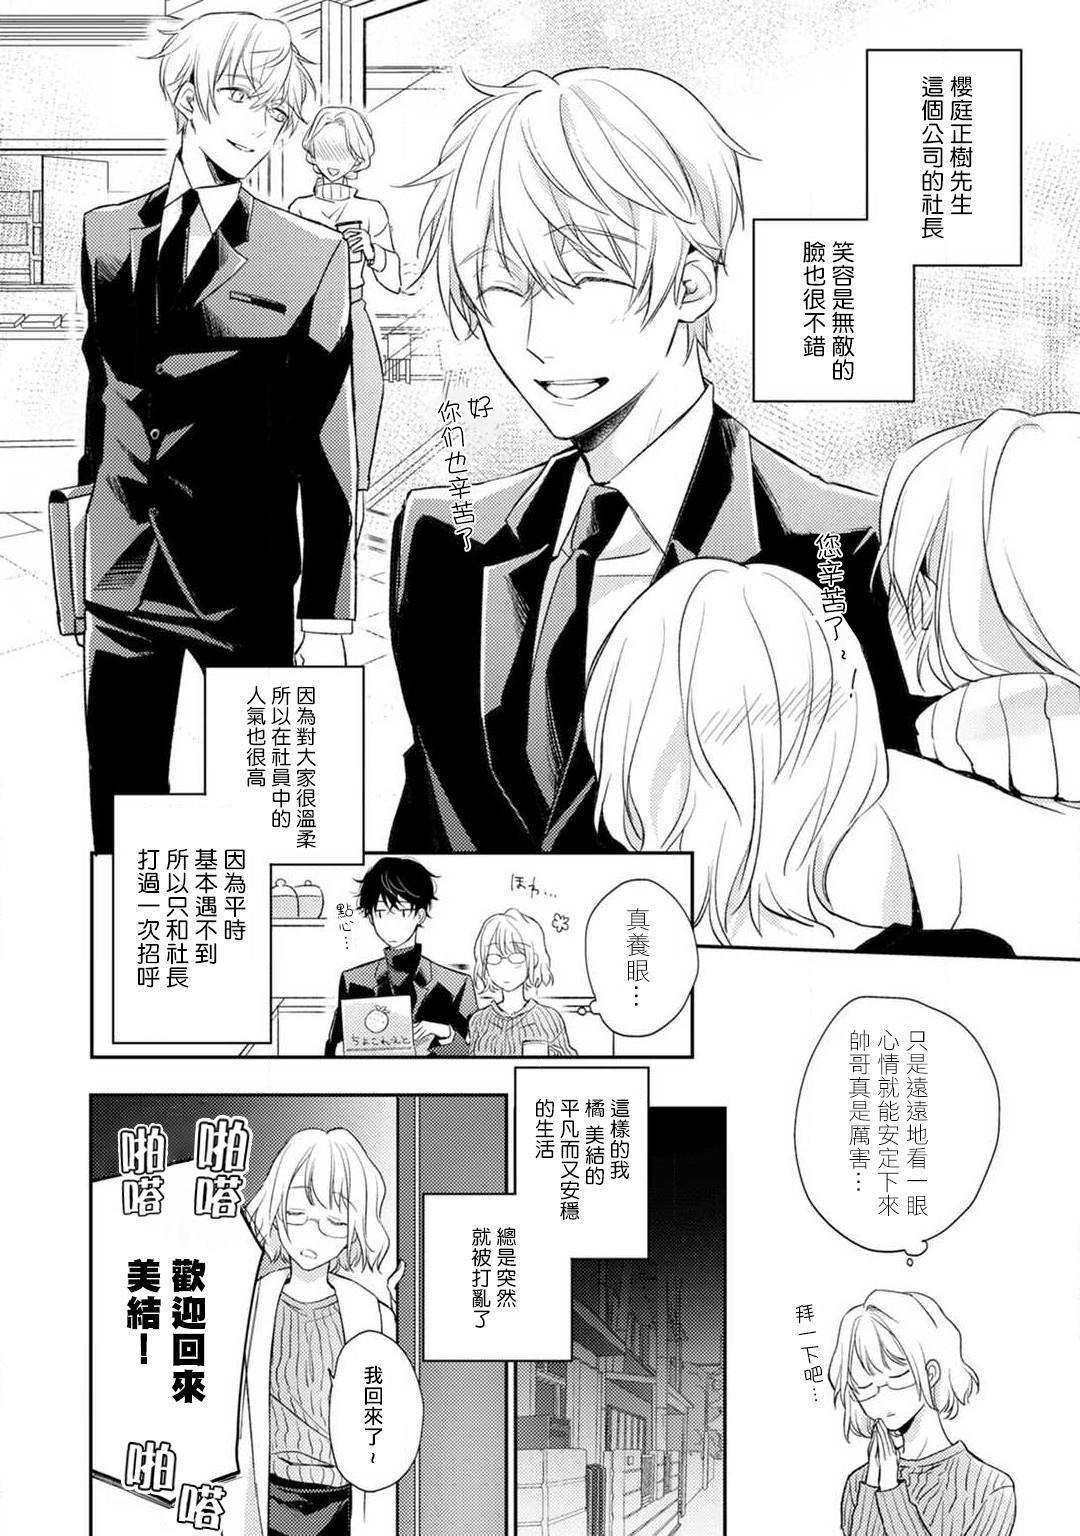 [Shichigatsu Motomi]  Sonna Kao shite, Sasotteru? ~Dekiai Shachou to Migawari Omiaikekkon!?~ 1-7 | 這種表情,在誘惑我嗎?~溺愛社長和替身相親結婚!? act.1 [Chinese] [拾荒者汉化组] 4